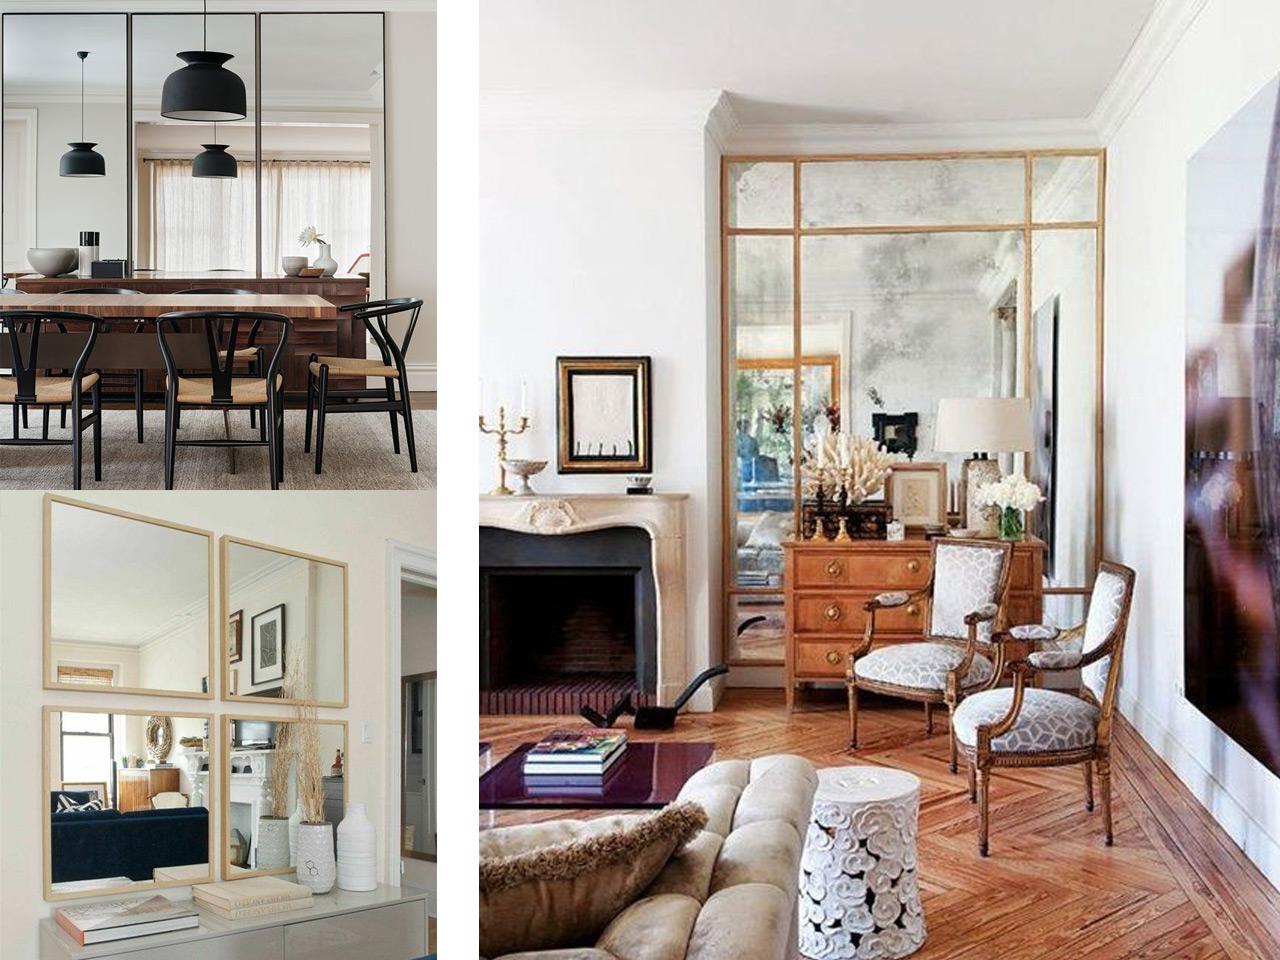 Inspiraci n para espacios abiertos y decoraci n loft Decoracion de espacios abiertos en casa